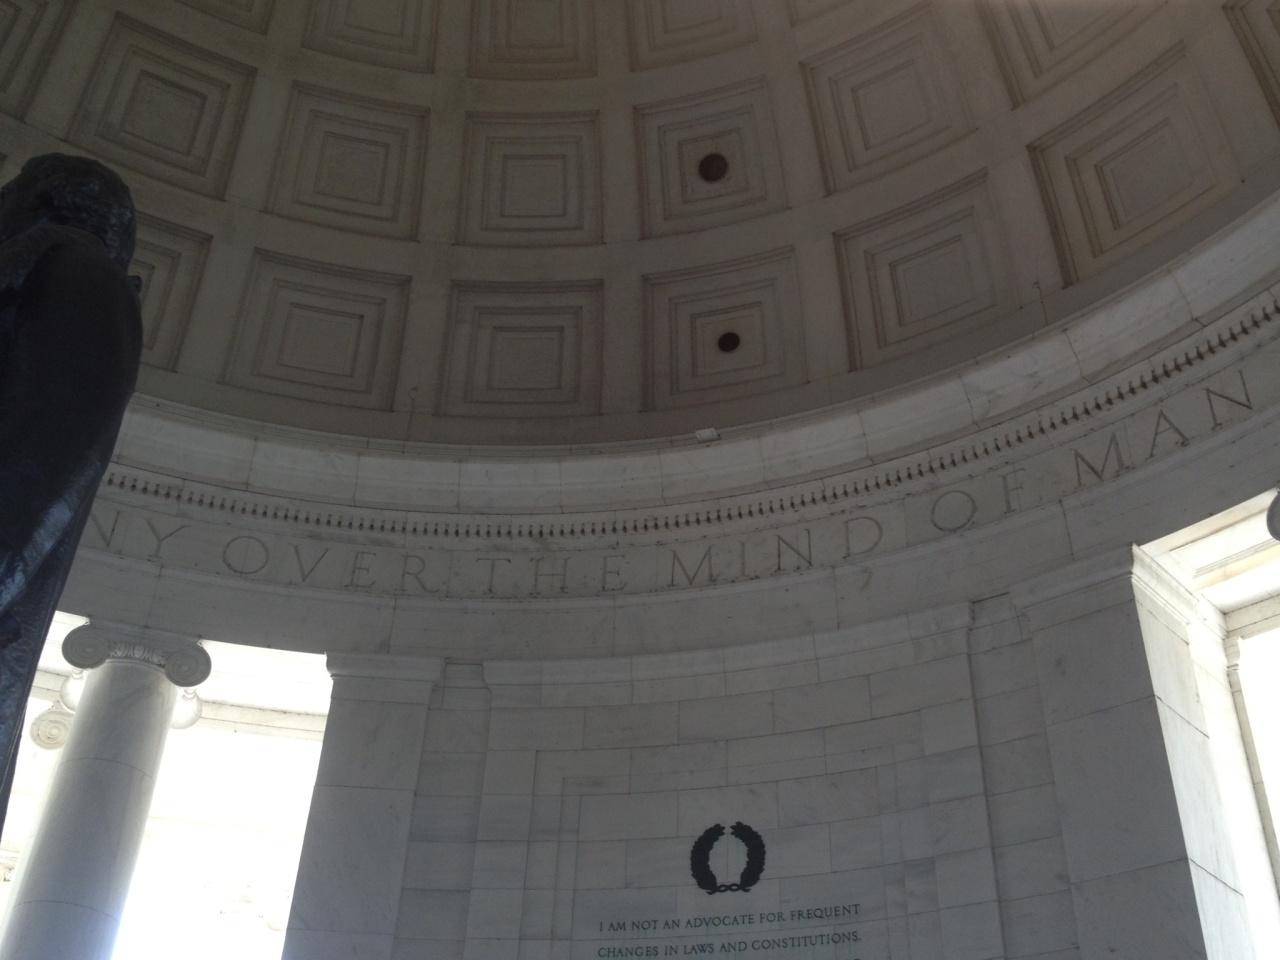 Thomas Jefferson Memorial photo by Hillary Raimo